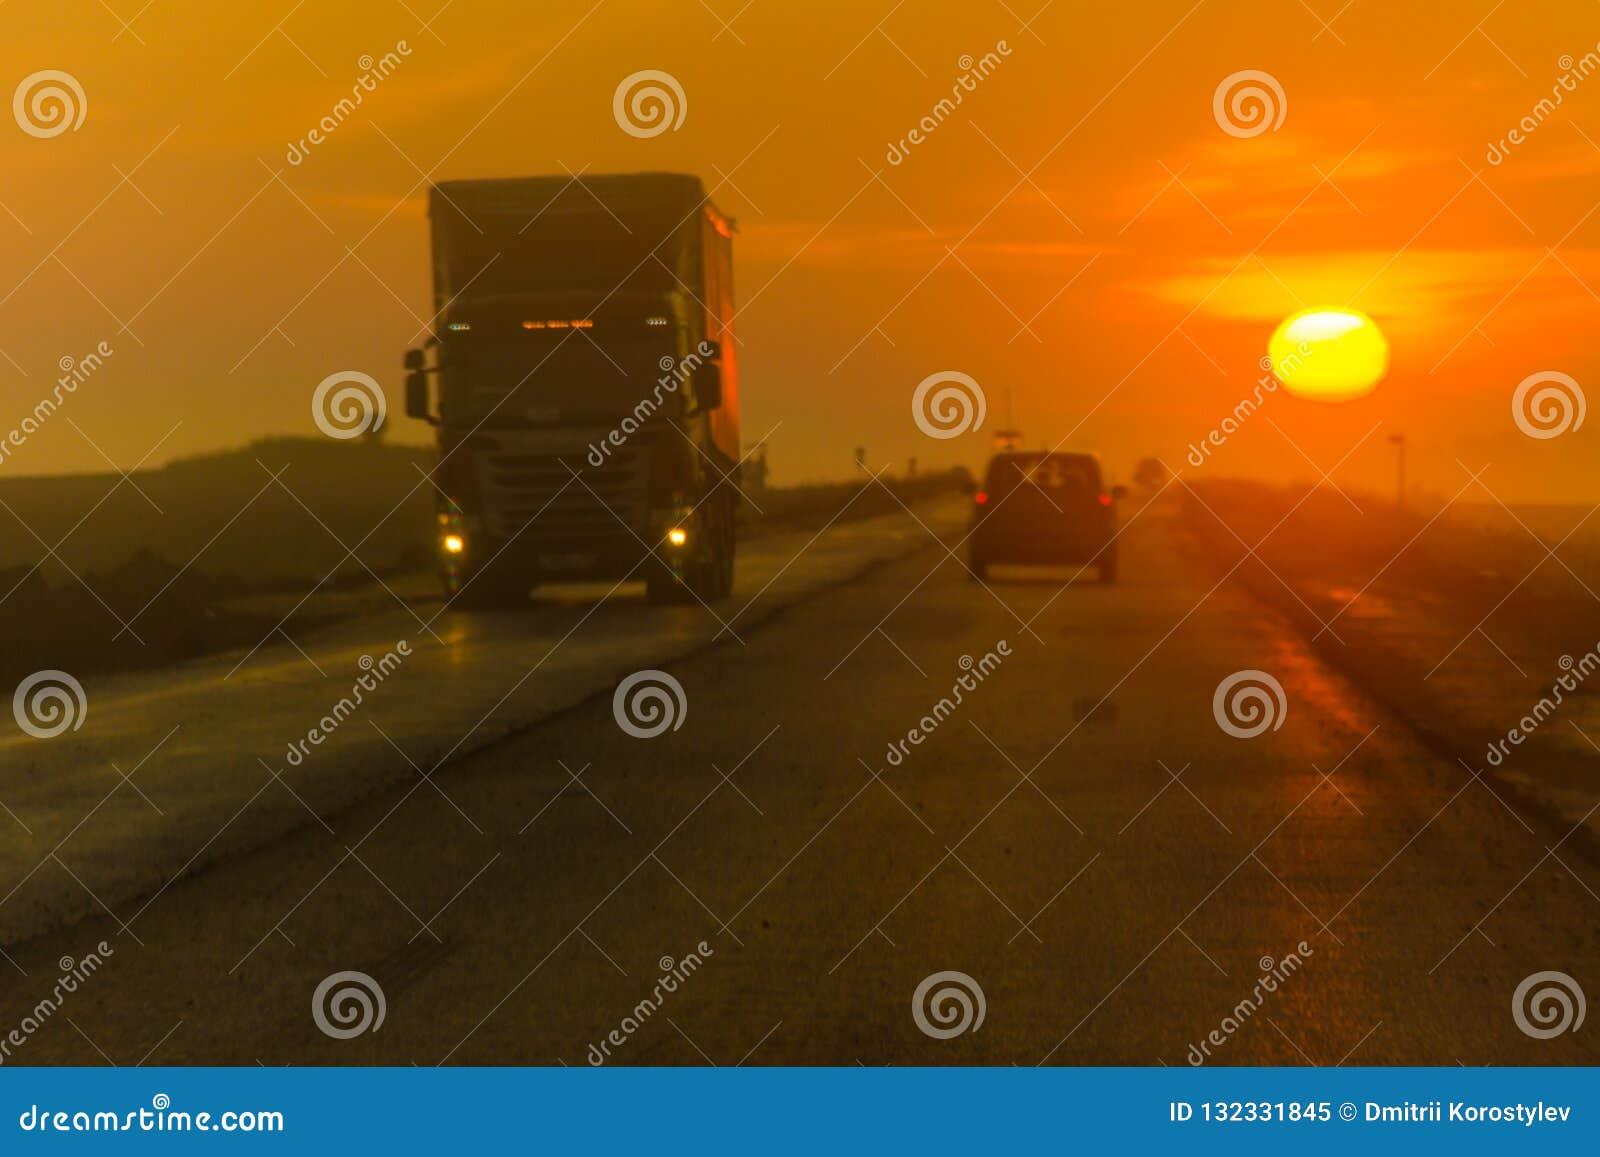 Carretera de la mañana, tráfico, servicios de trueque de larga distancia, tráfico inminente, transporte interurbano